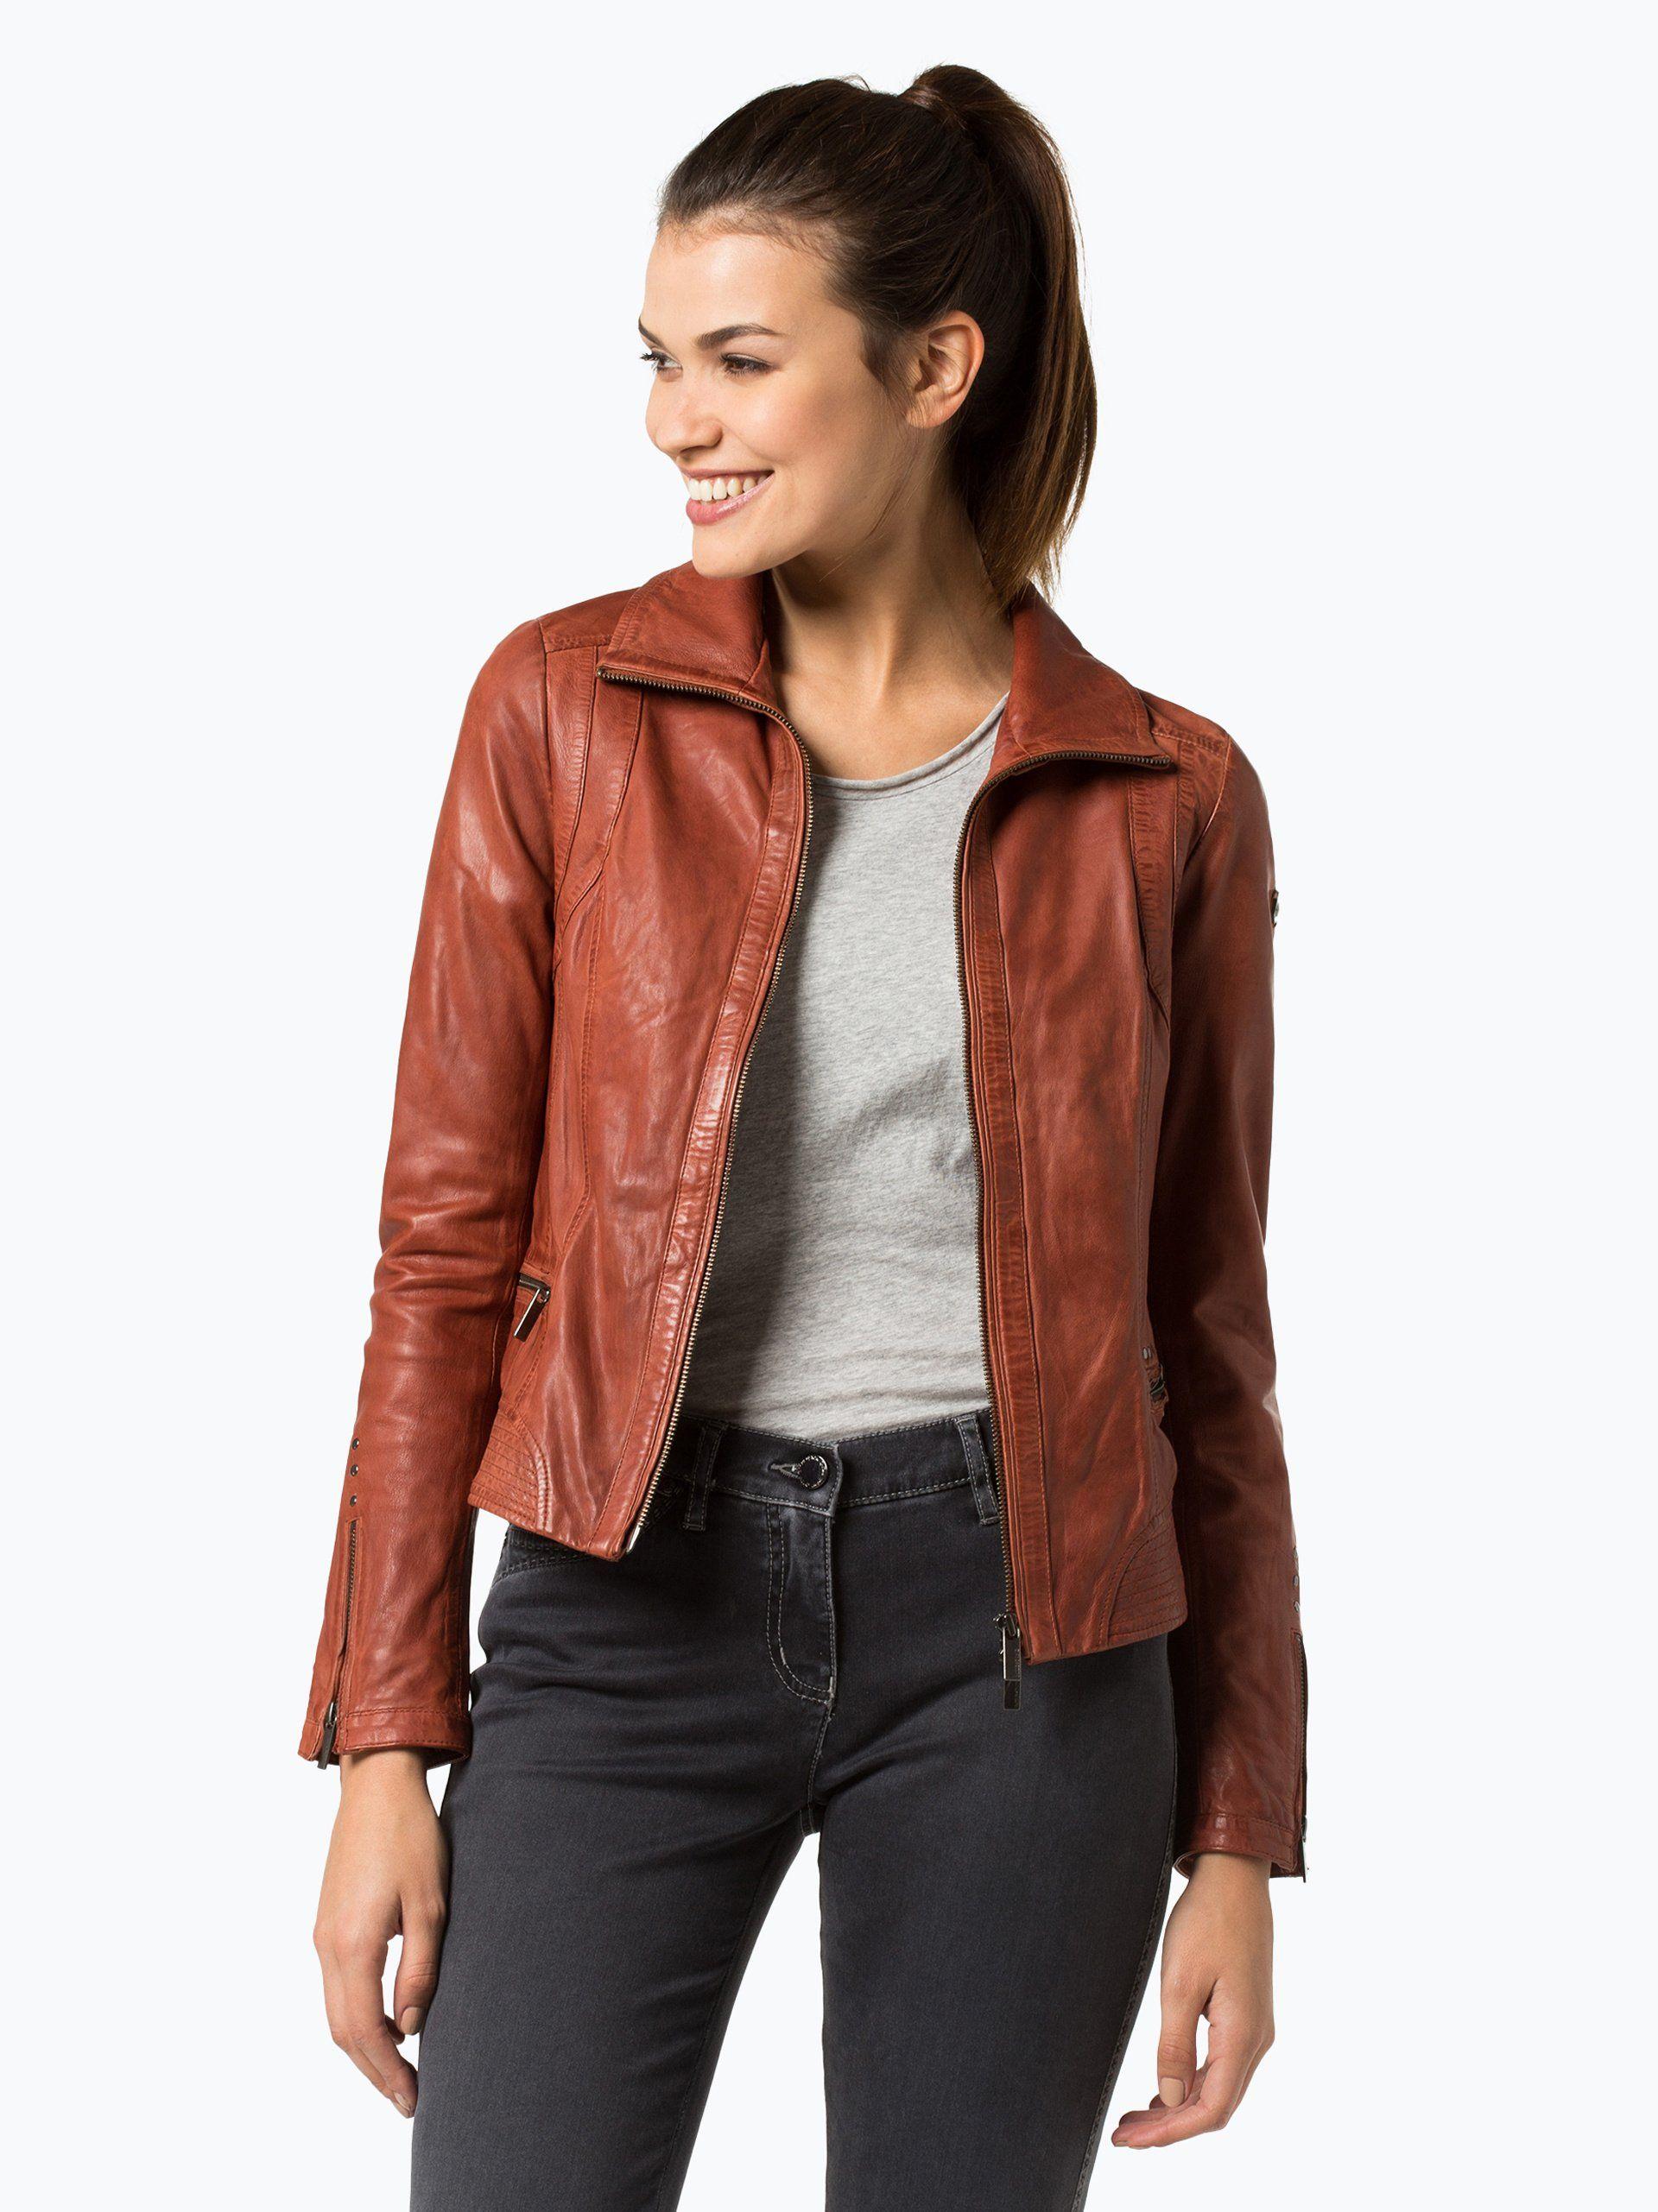 eb7befdd1ab35 Damska kurtka skórzana – Uta w 2019 | Street | Jackets, Leather ...